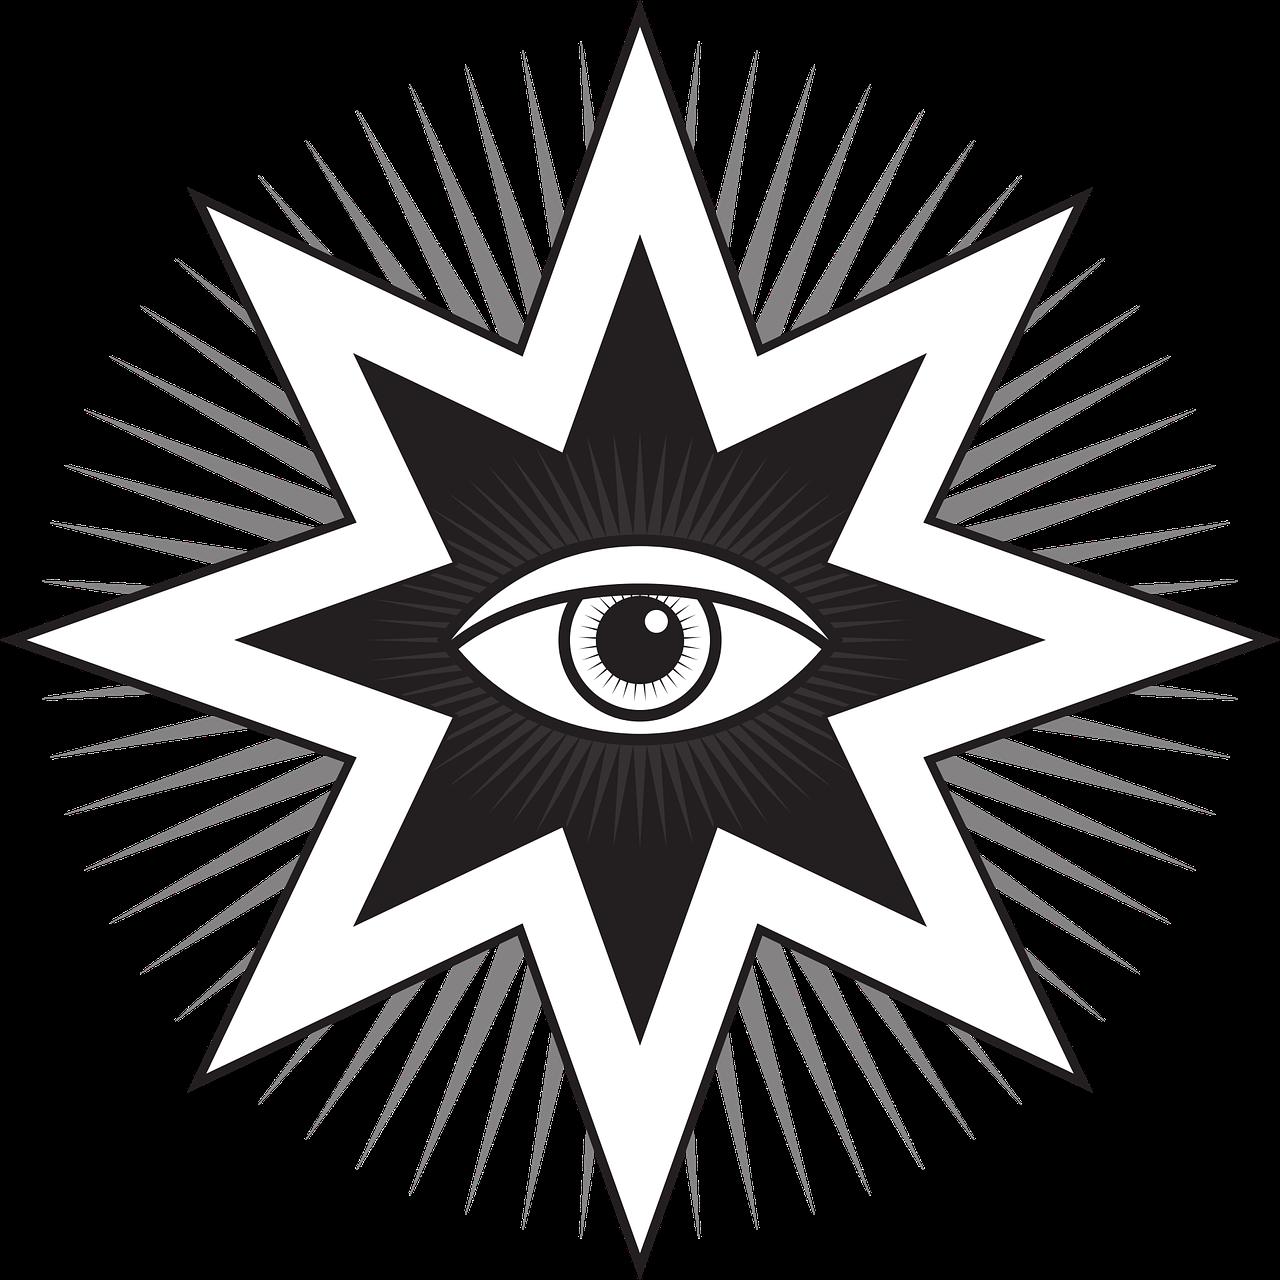 O Olho Que Tudo Ve Simbolo Grafico Vetorial Gratis No Pixabay